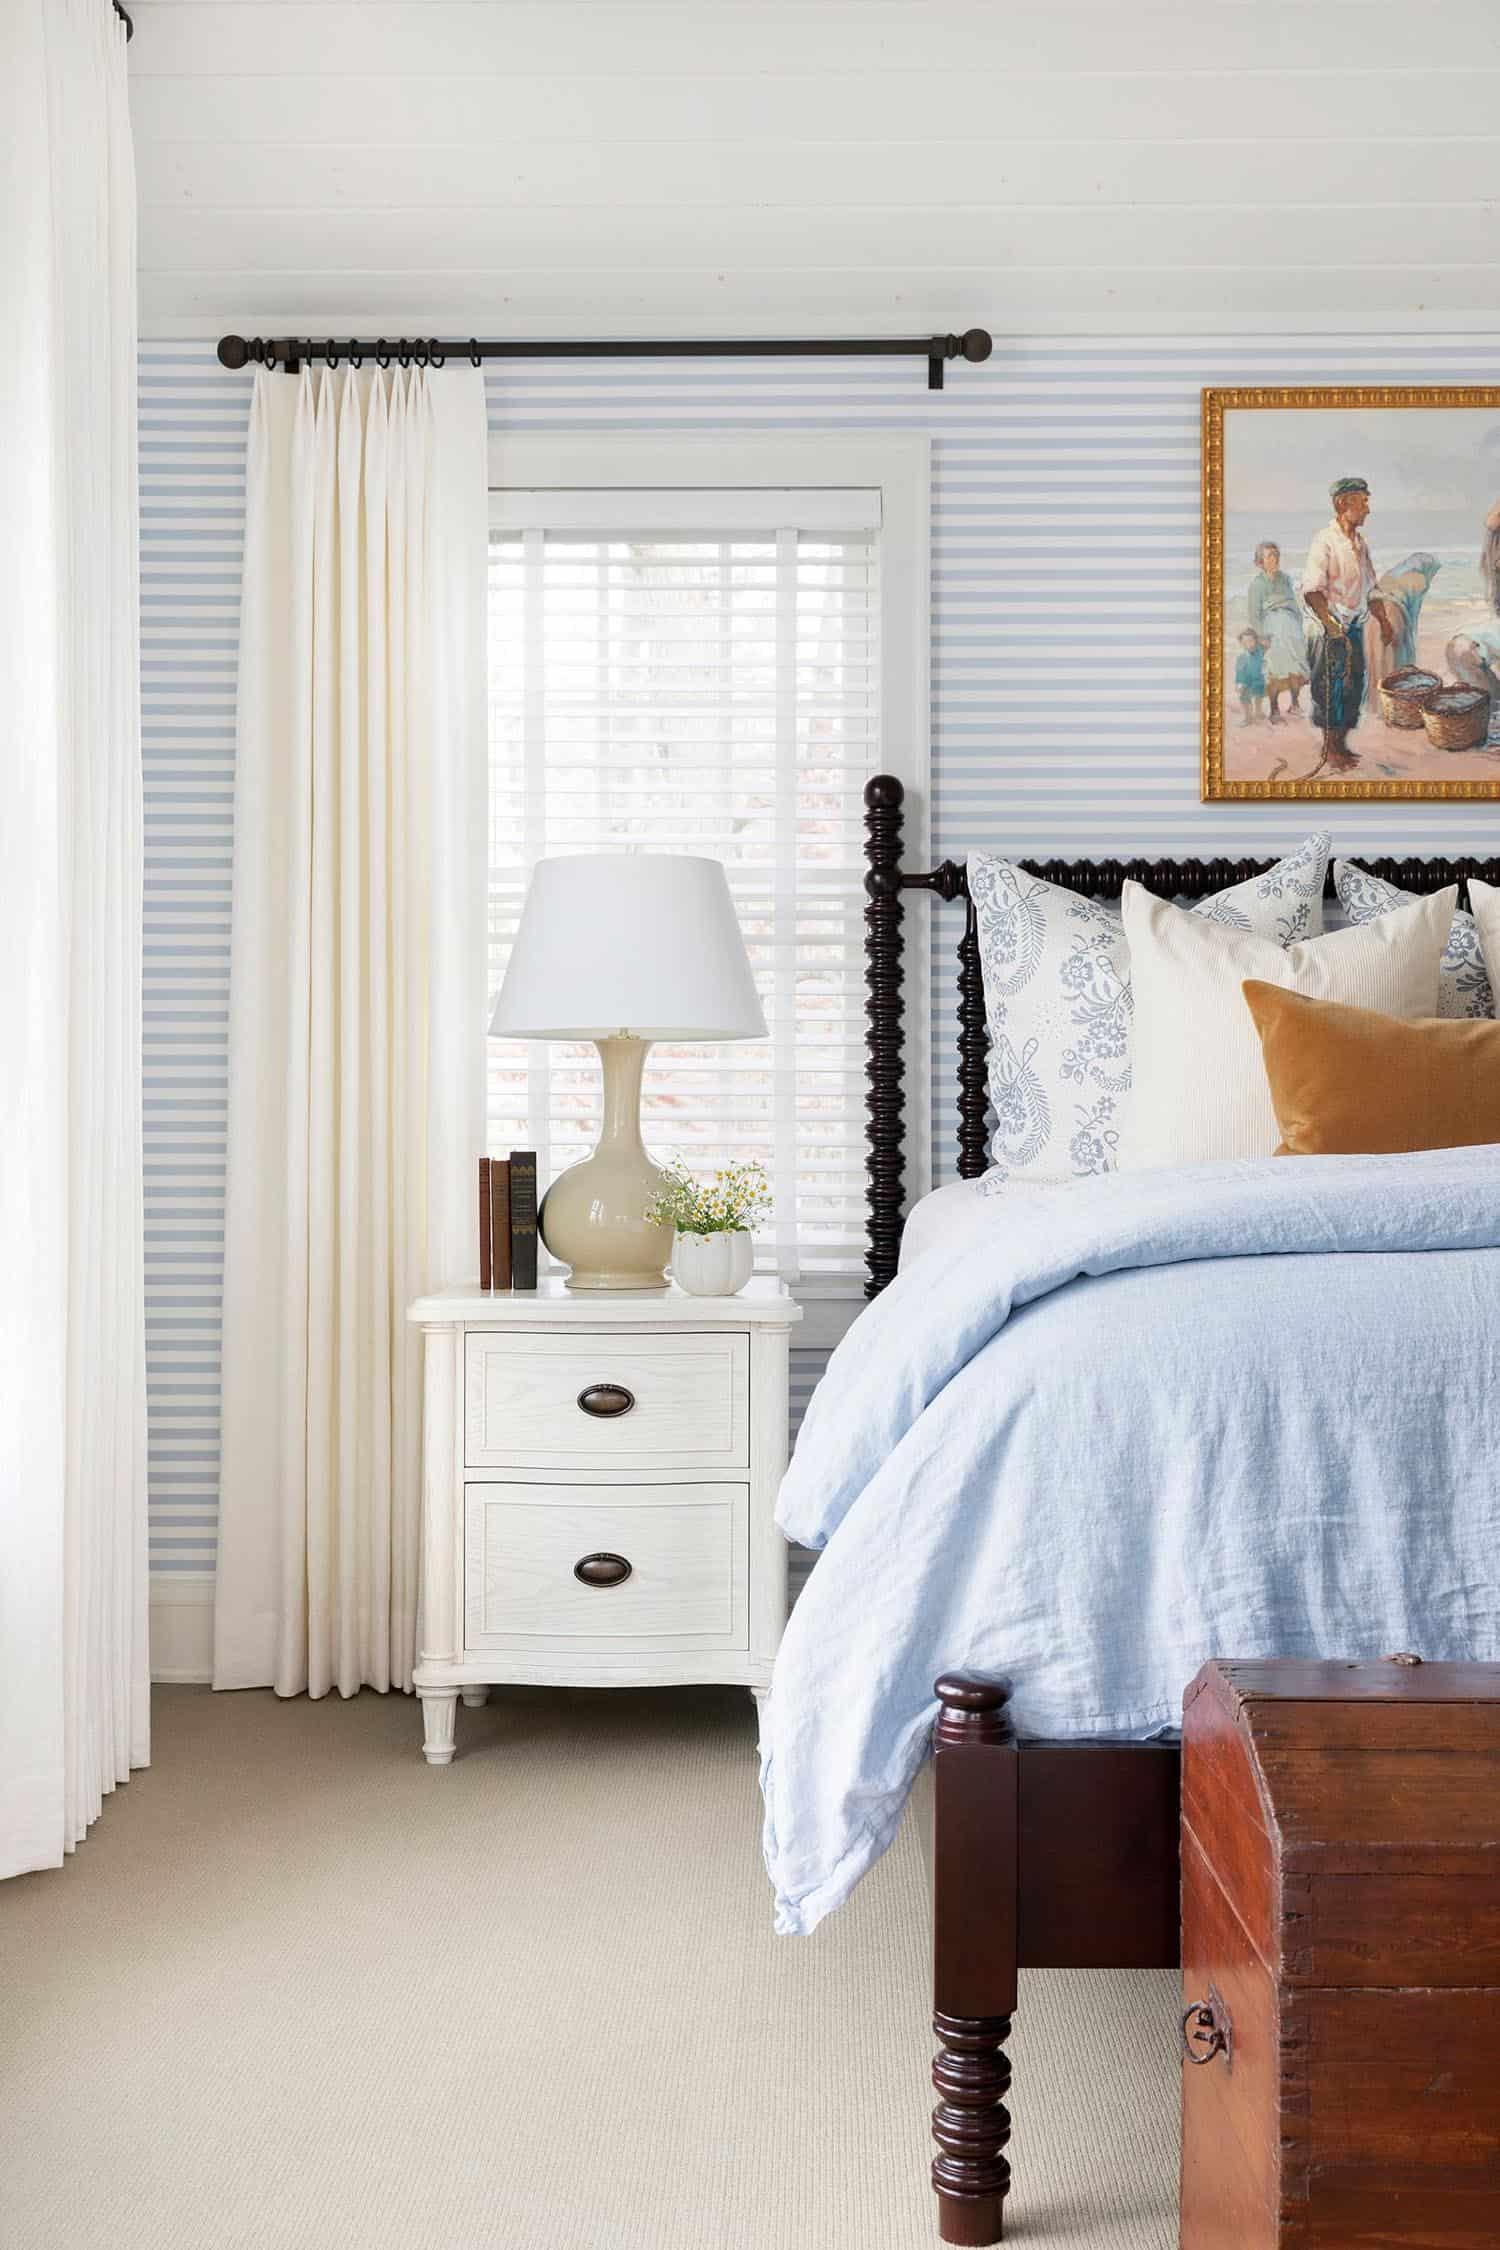 spavaća soba u prijelaznom stilu